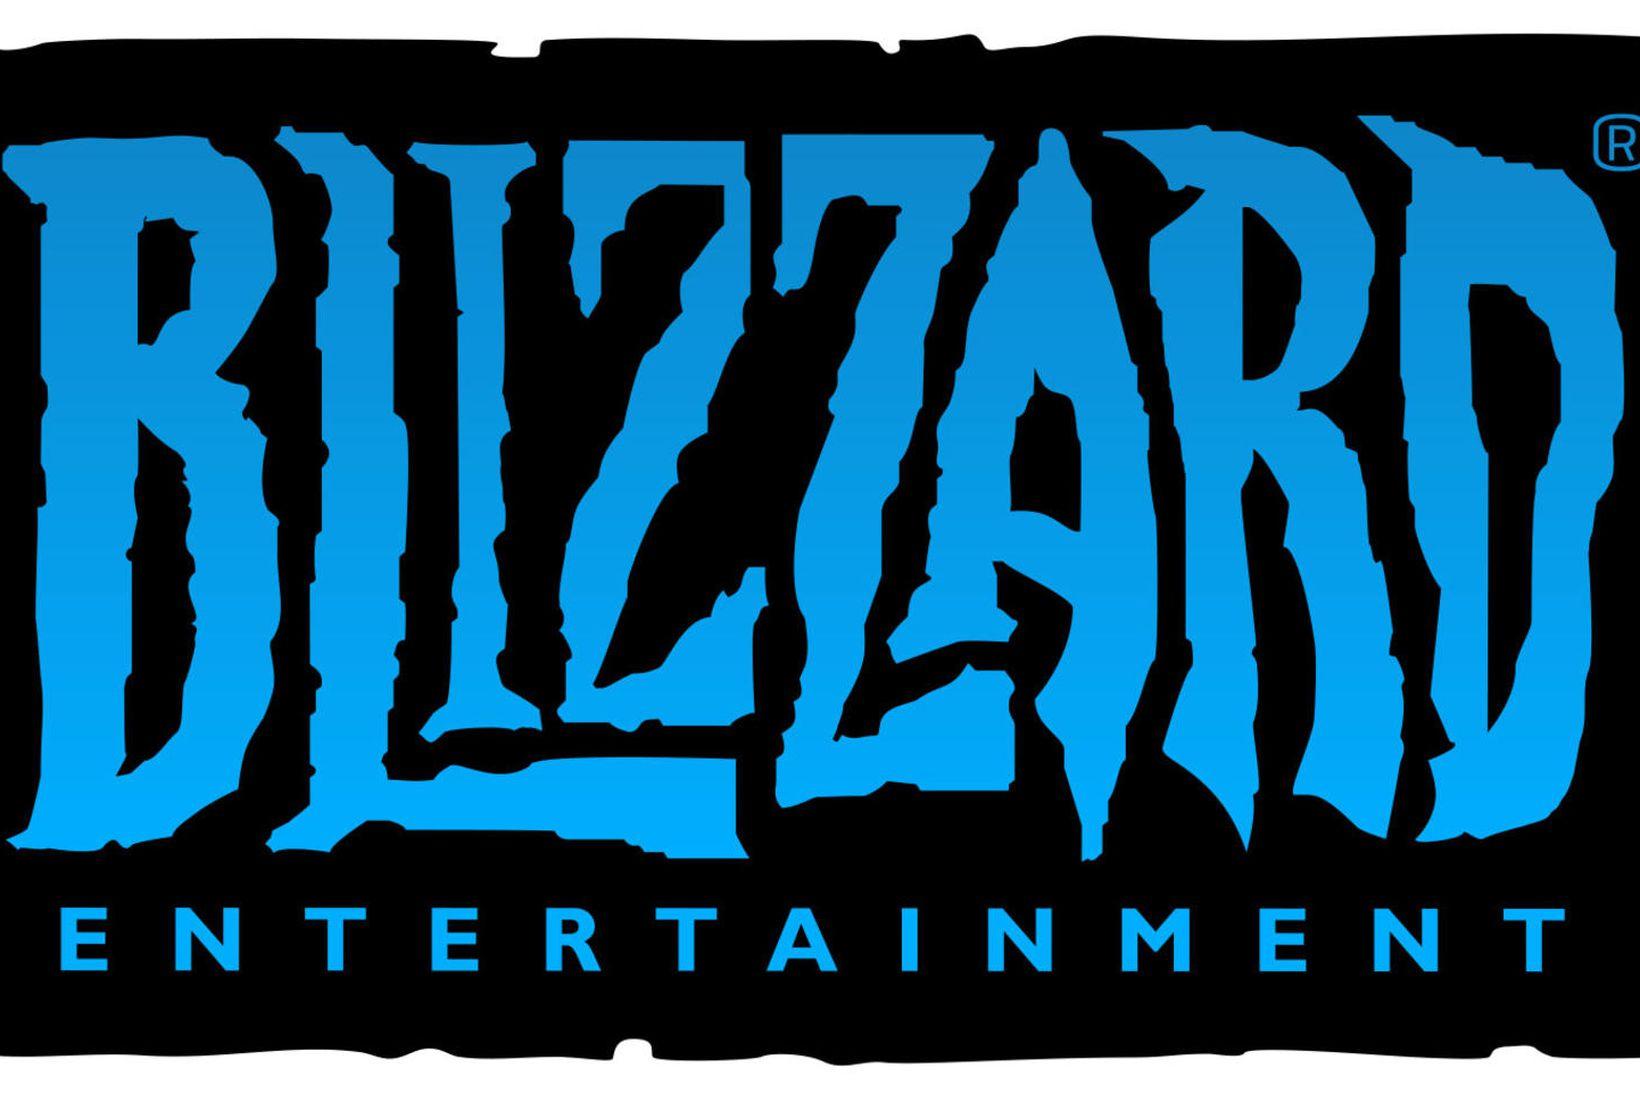 Blizzard Entertainment, Inc. er dótturfélag Activision og er staðsett í …